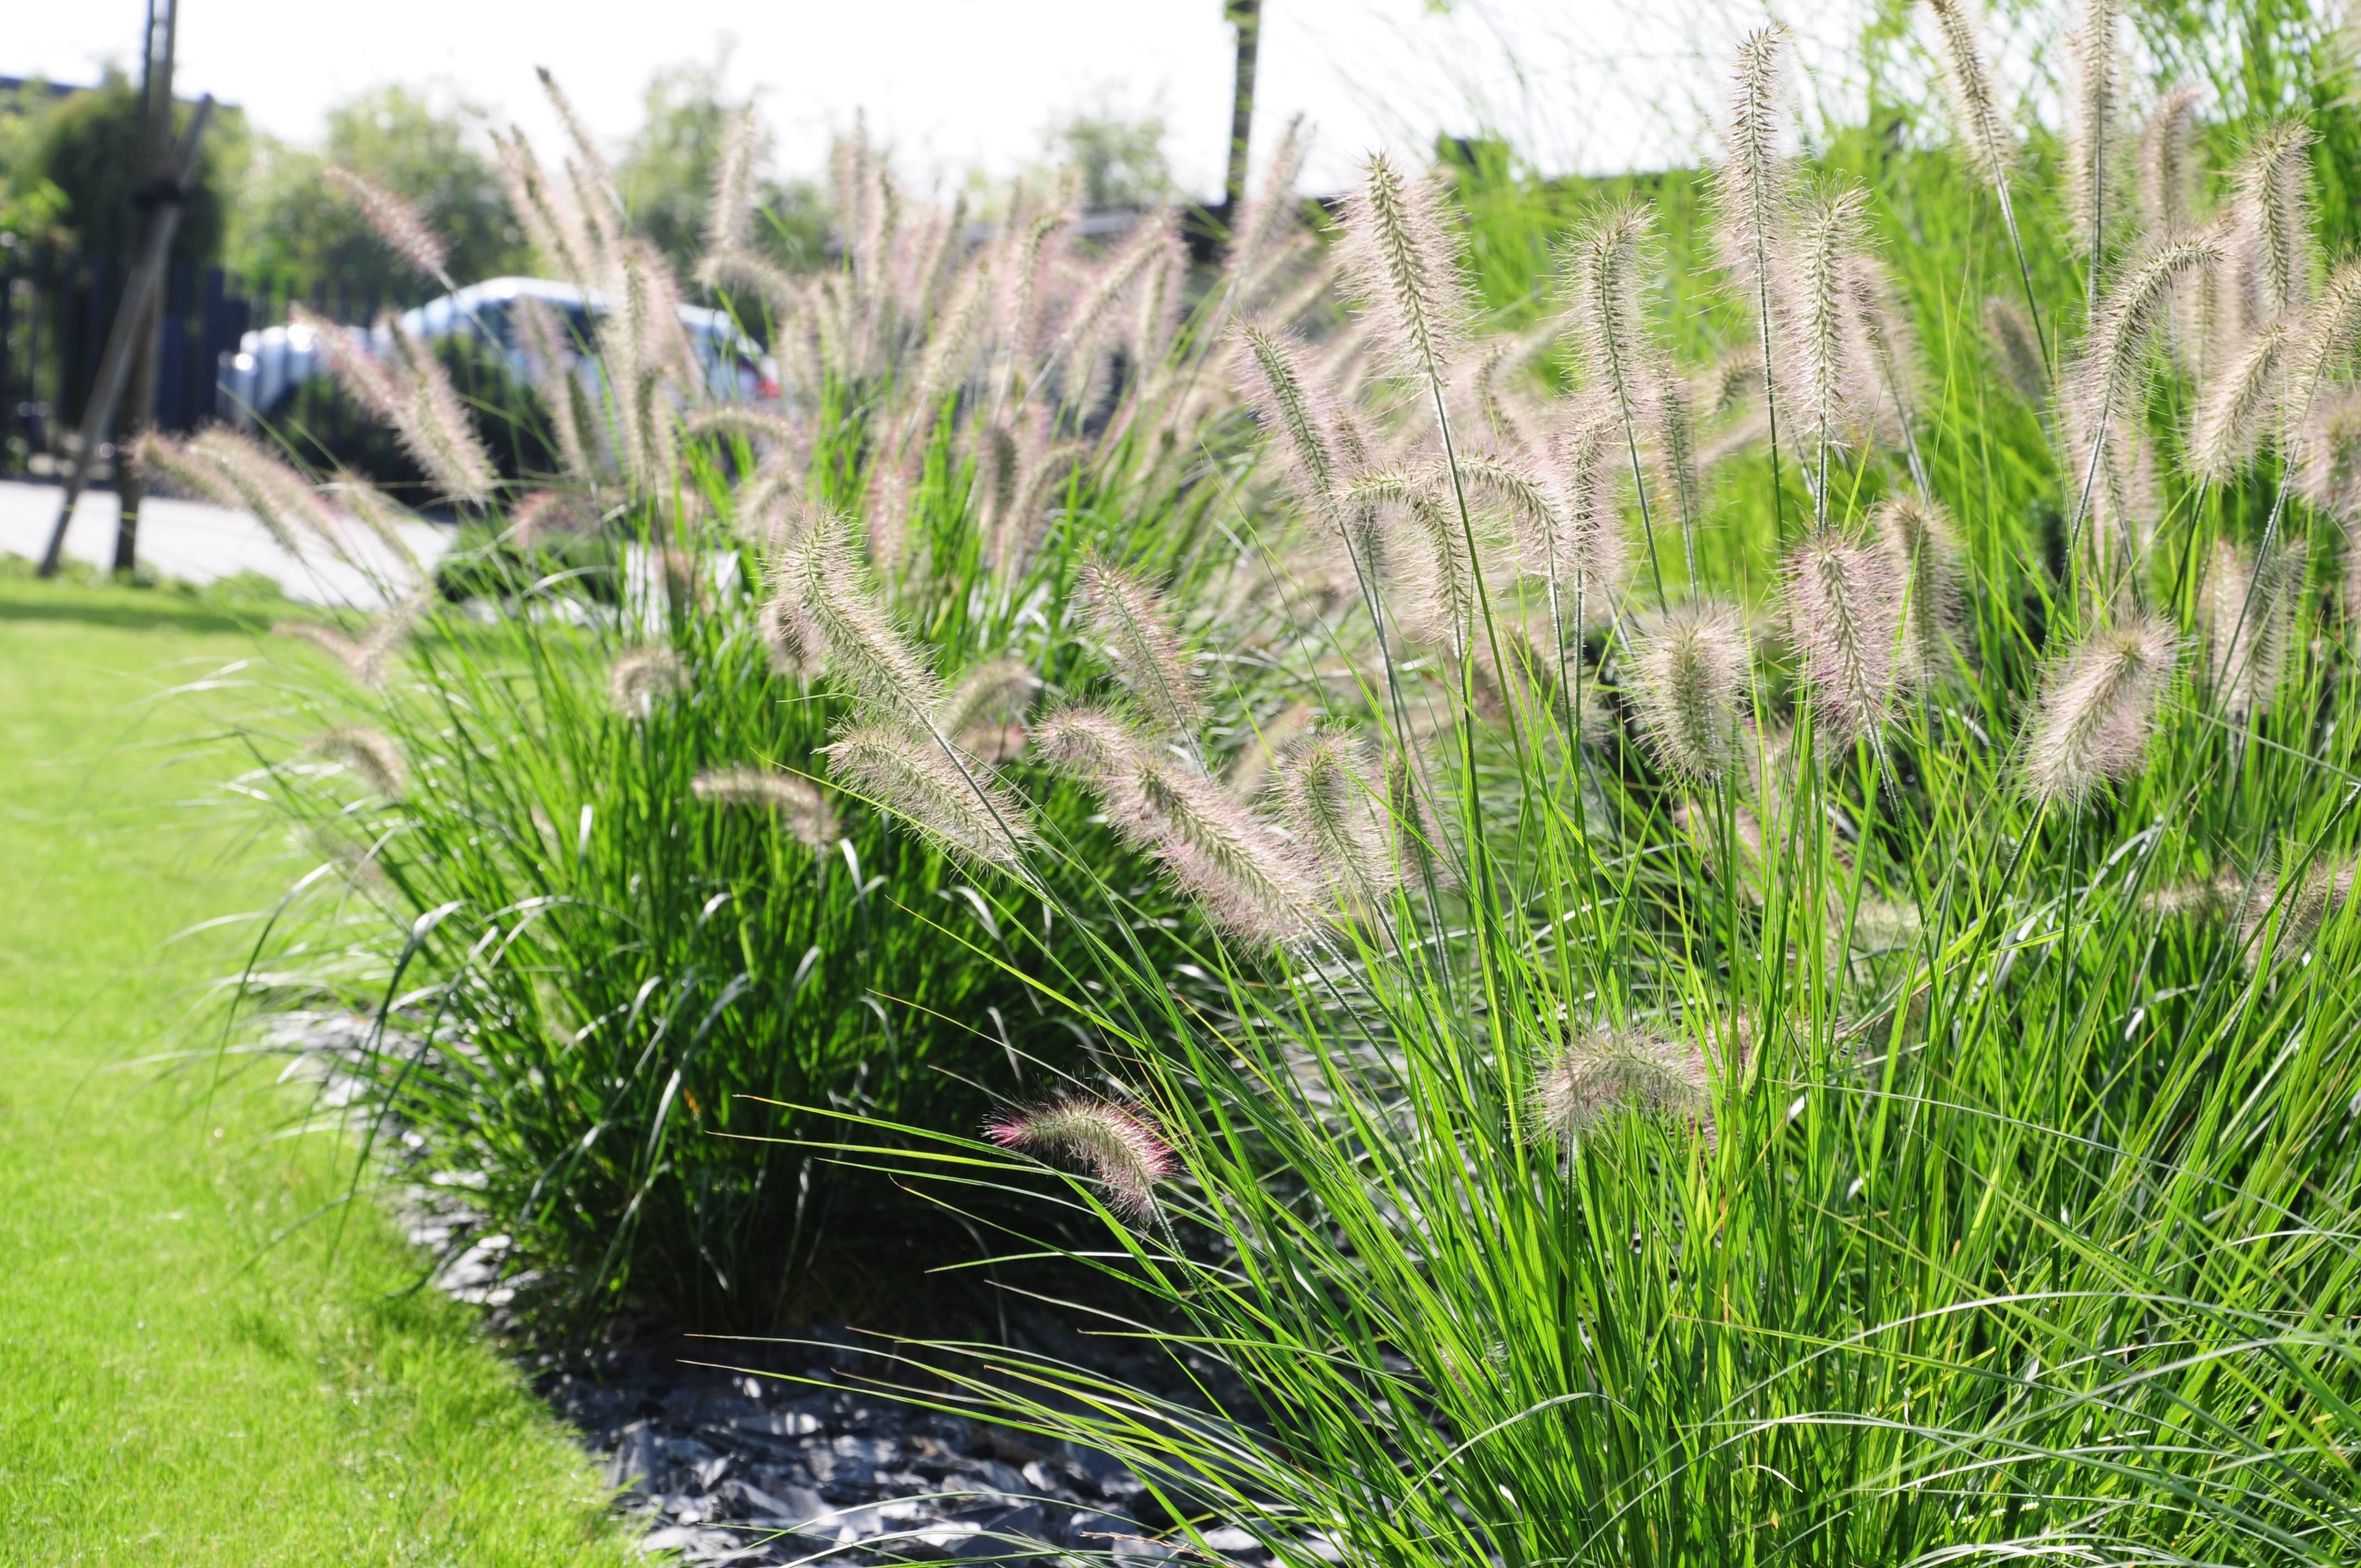 Злак пеннисетум или перистощетинник выращивание из семян посадка и уход сорта с фото и описанием